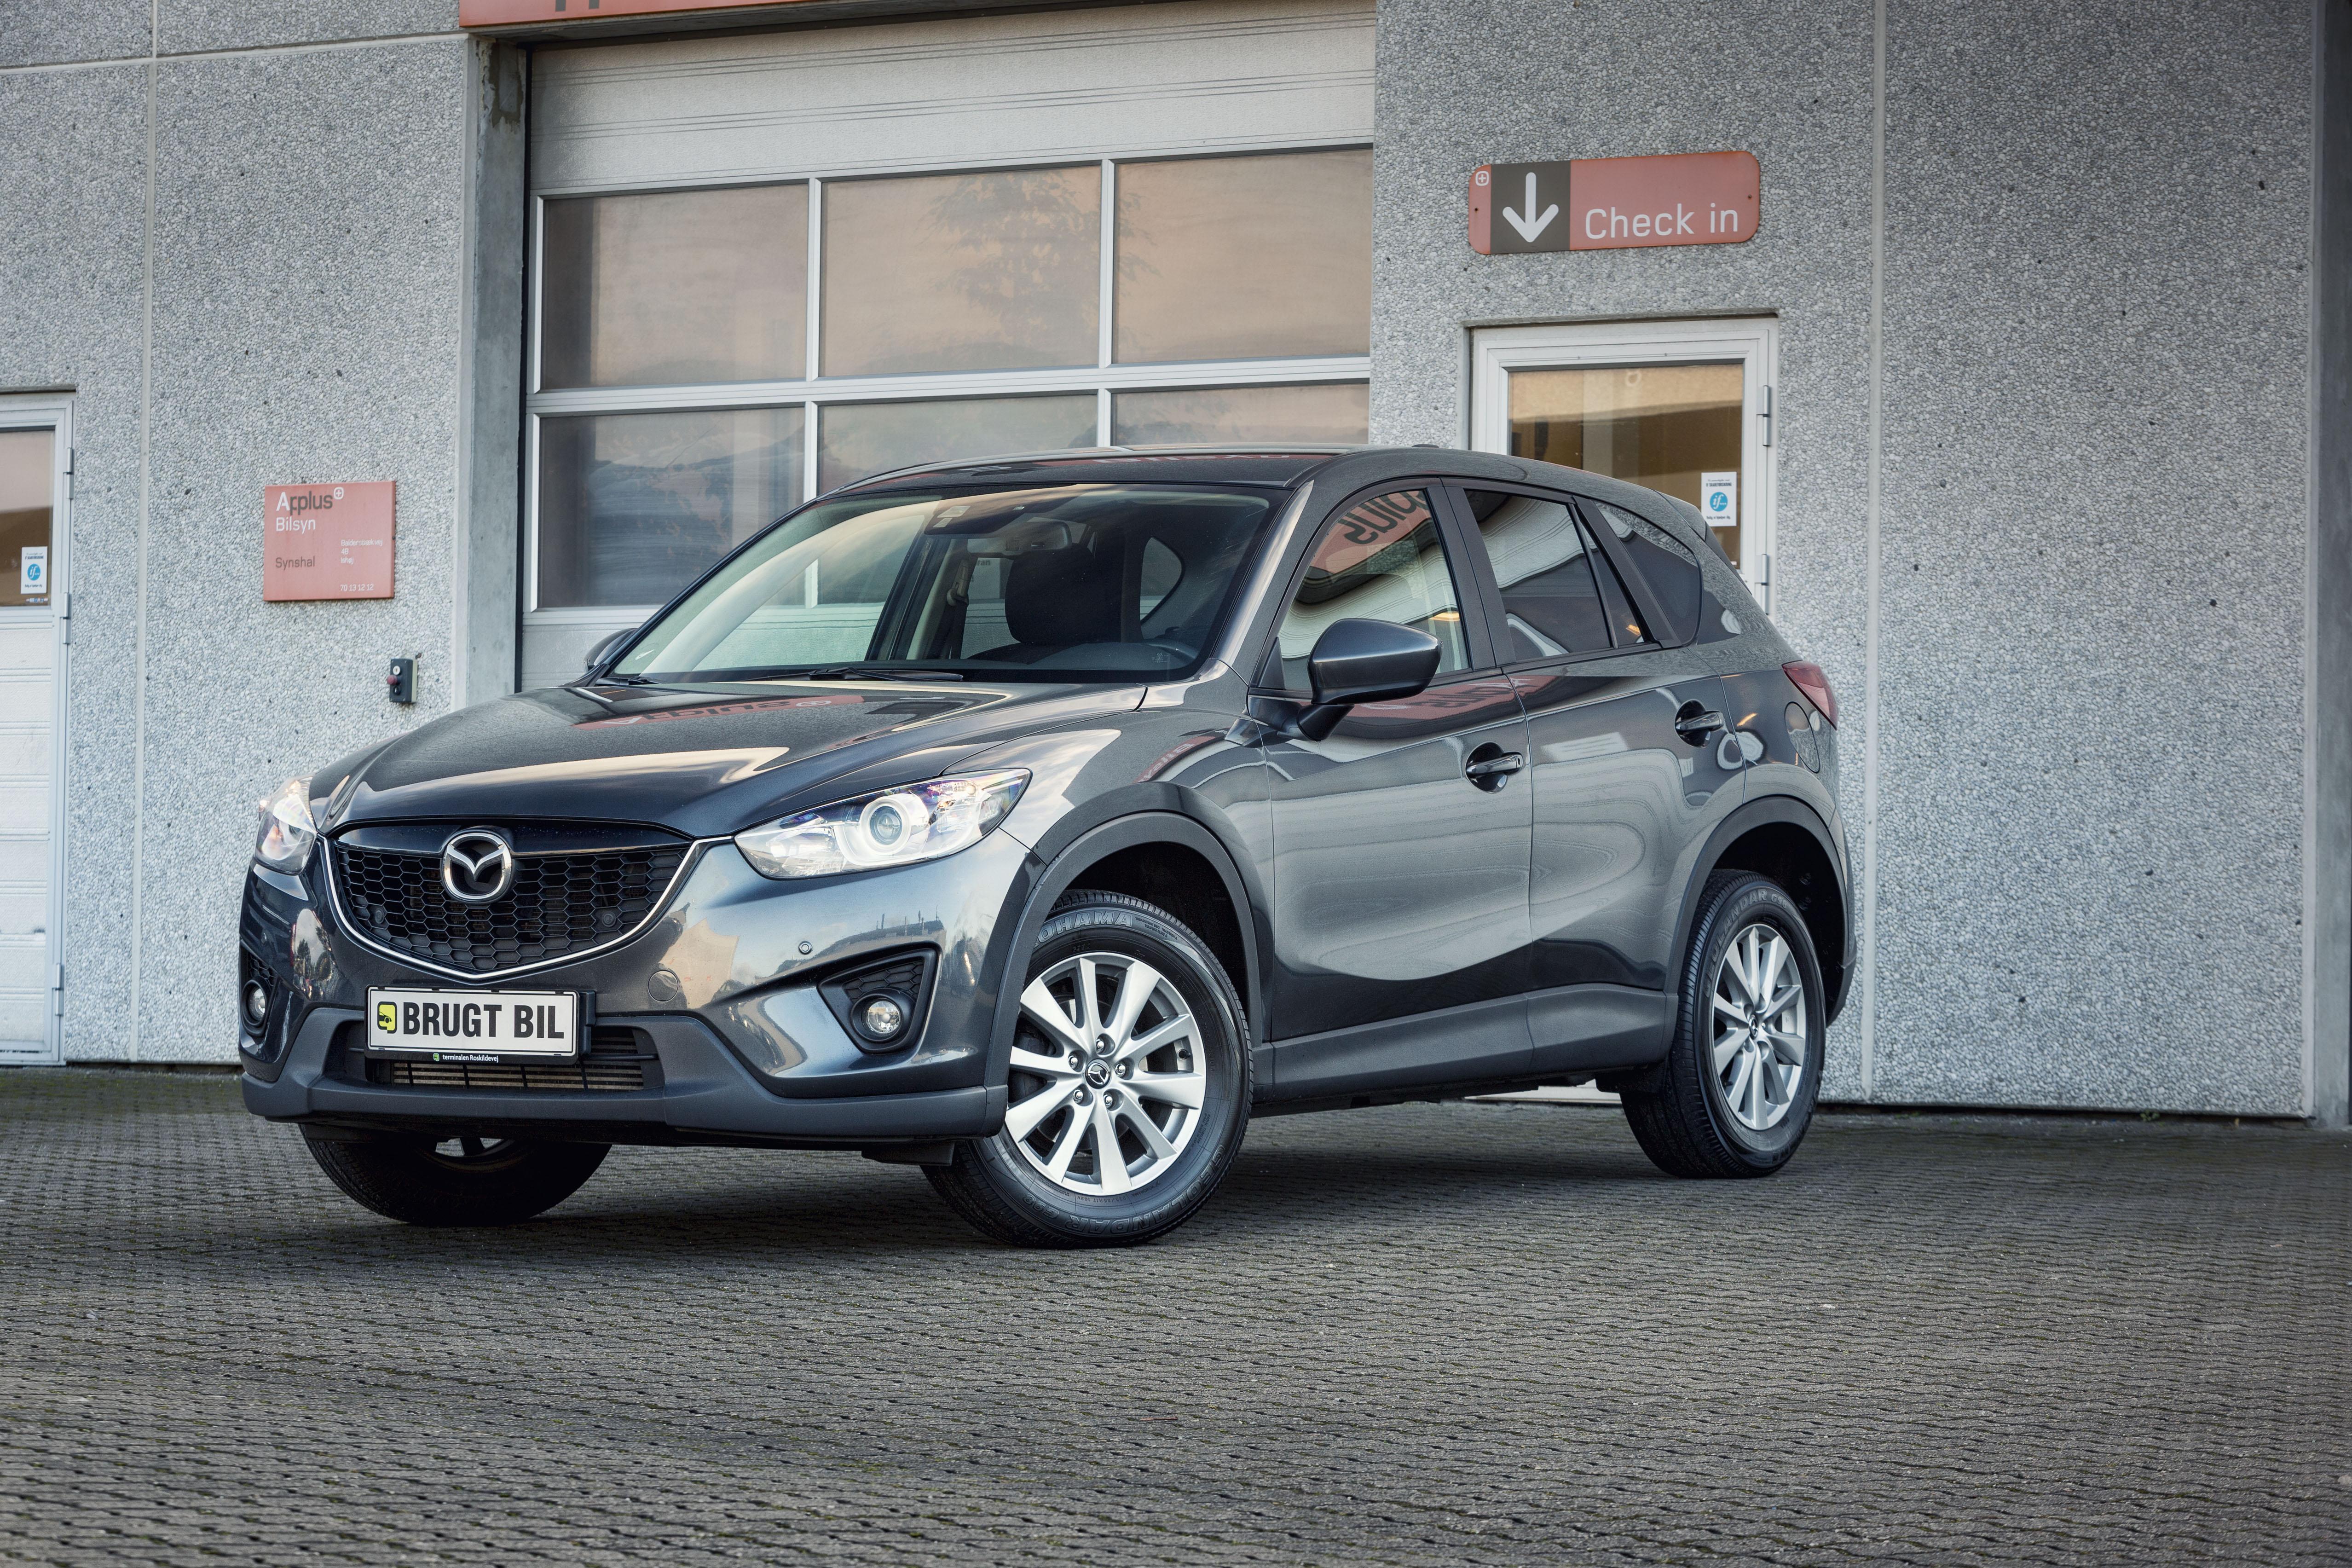 Brugttest: 2014 Mazda CX-5 2,2 Sky-D | Bilmagasinet.dk